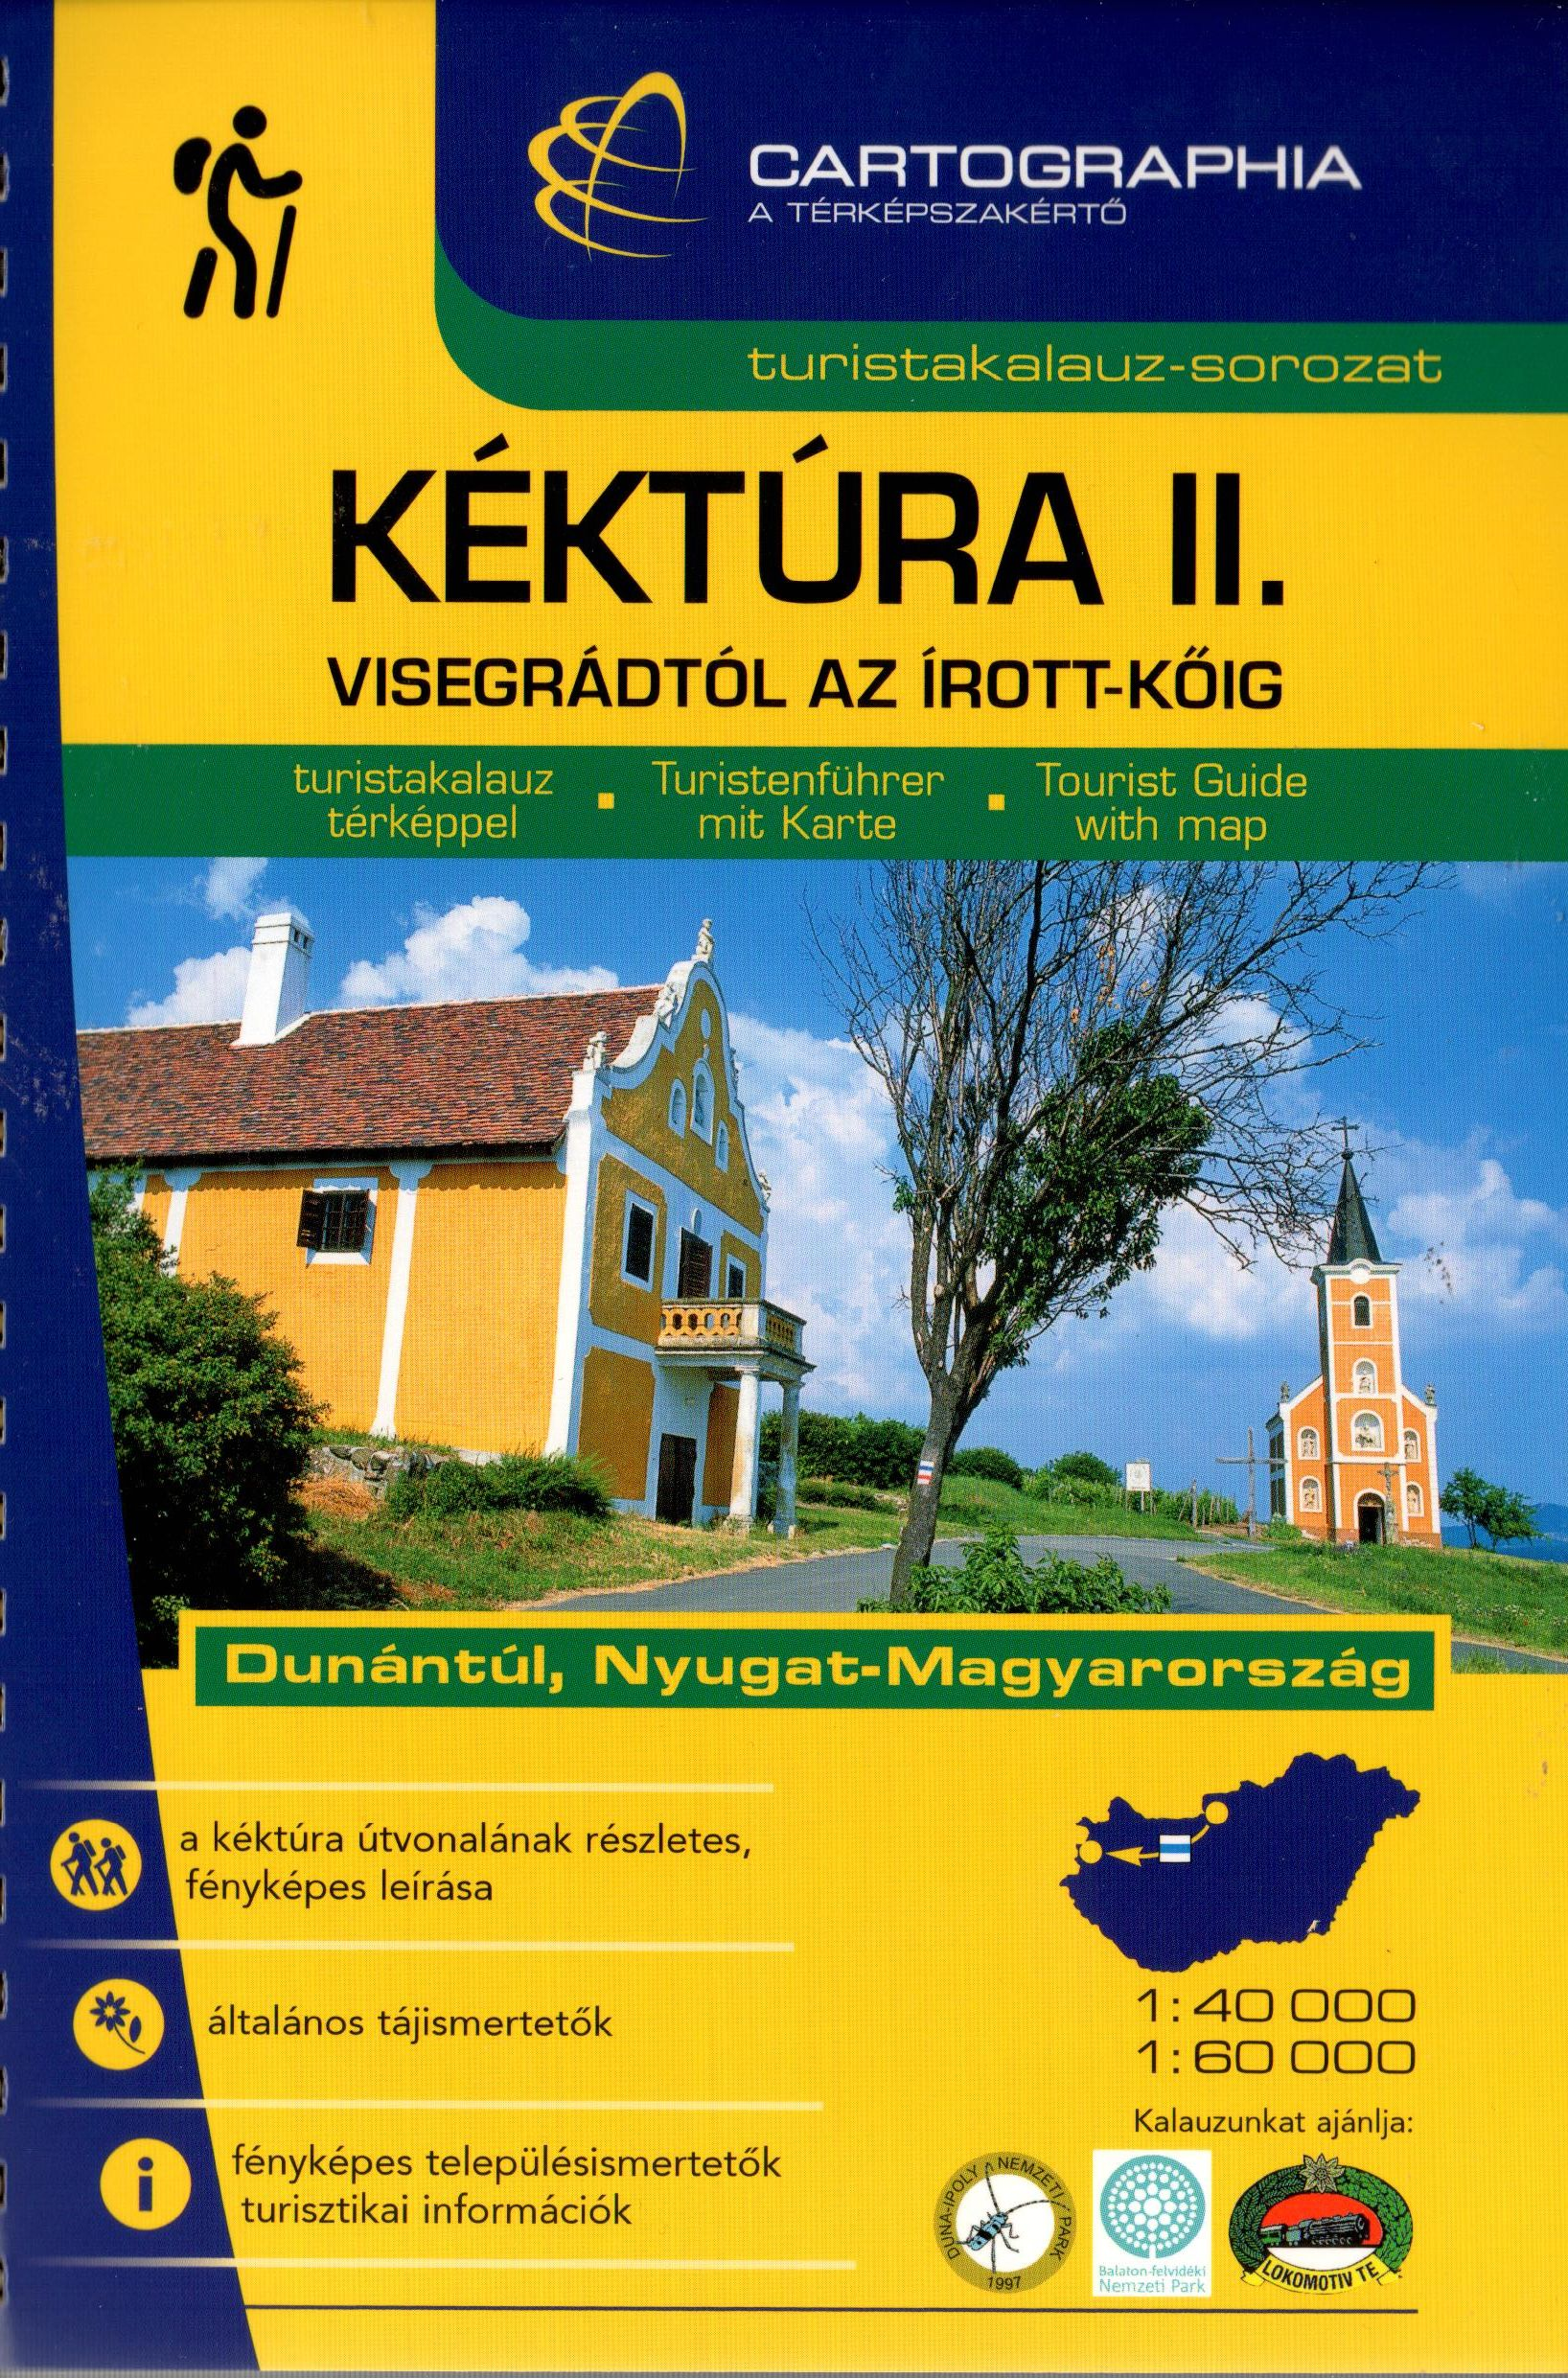 Turistakalúz térképpel, fényképekkel az OKT dunántúli részéről